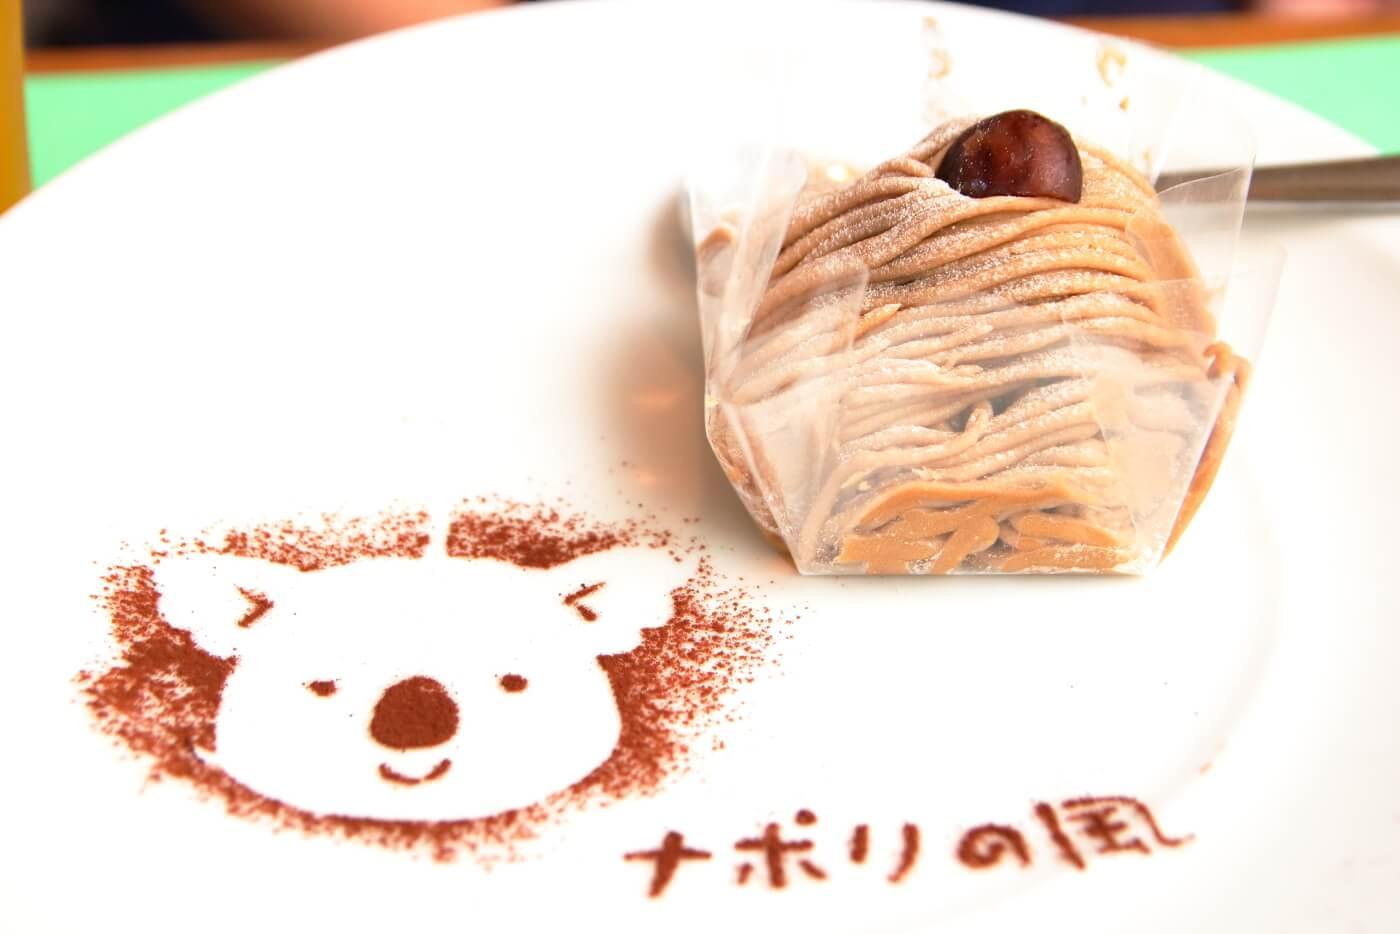 南国市浜改田 ナポリの風 パスタセットのデザート 渋皮栗のモンブラン